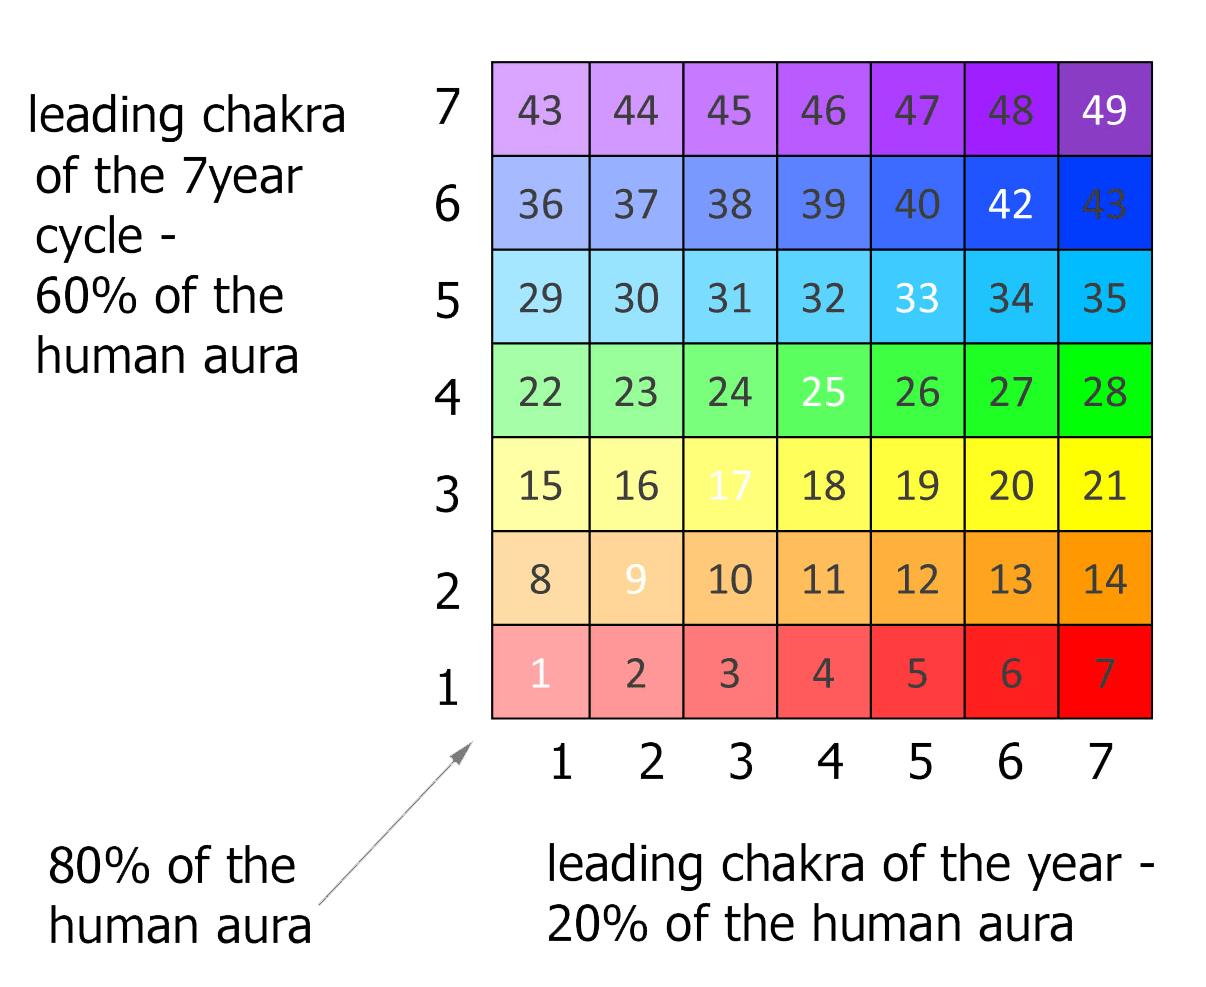 chakra 7 year life cycle